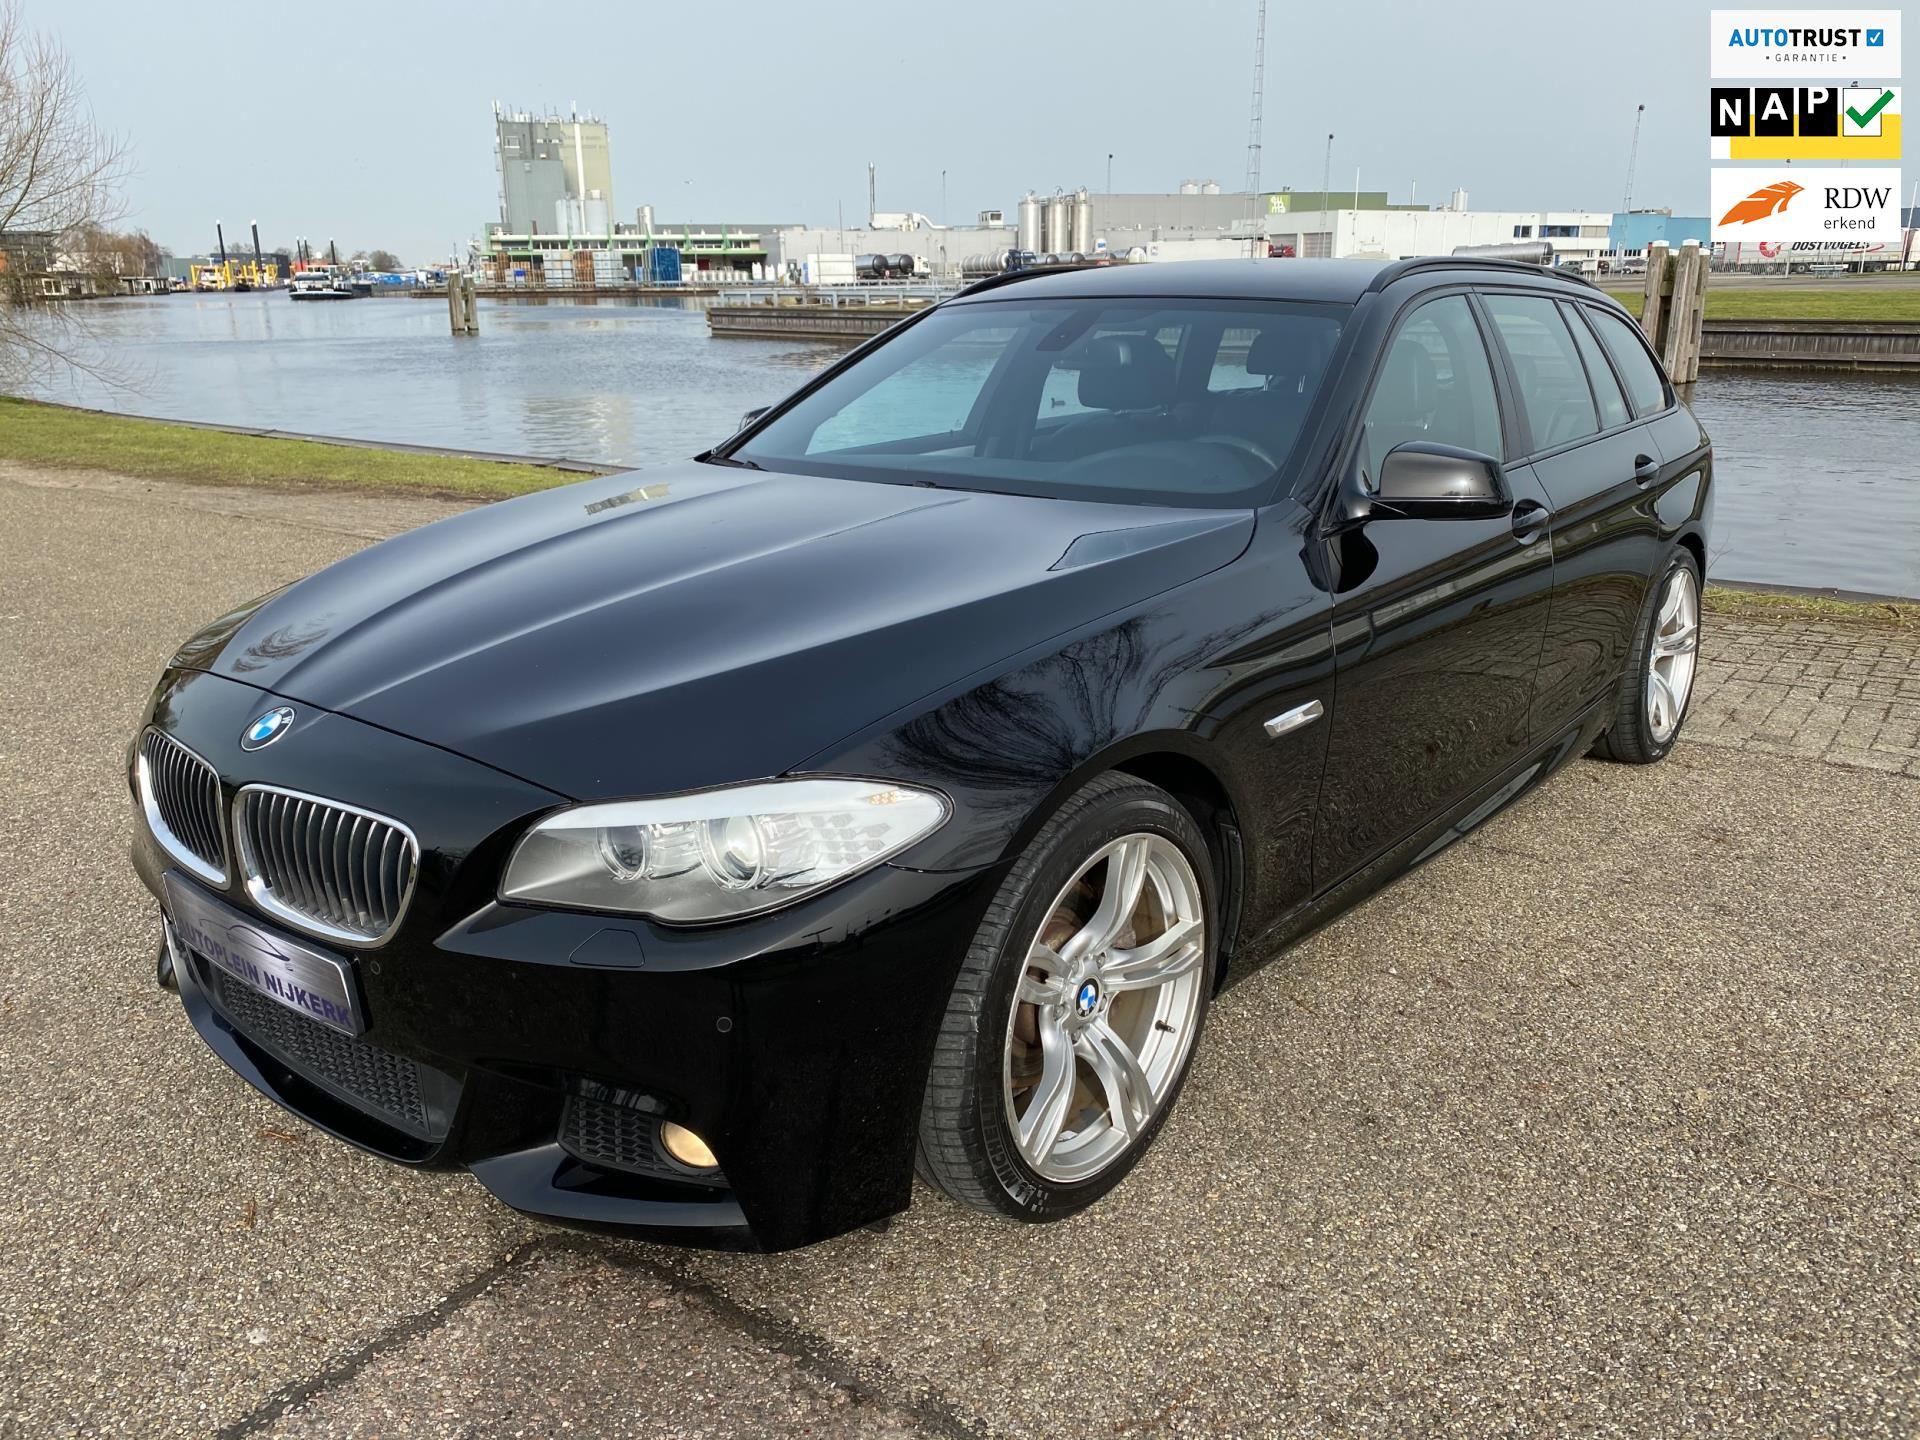 BMW 5-serie Touring occasion - Autoplein Nijkerk